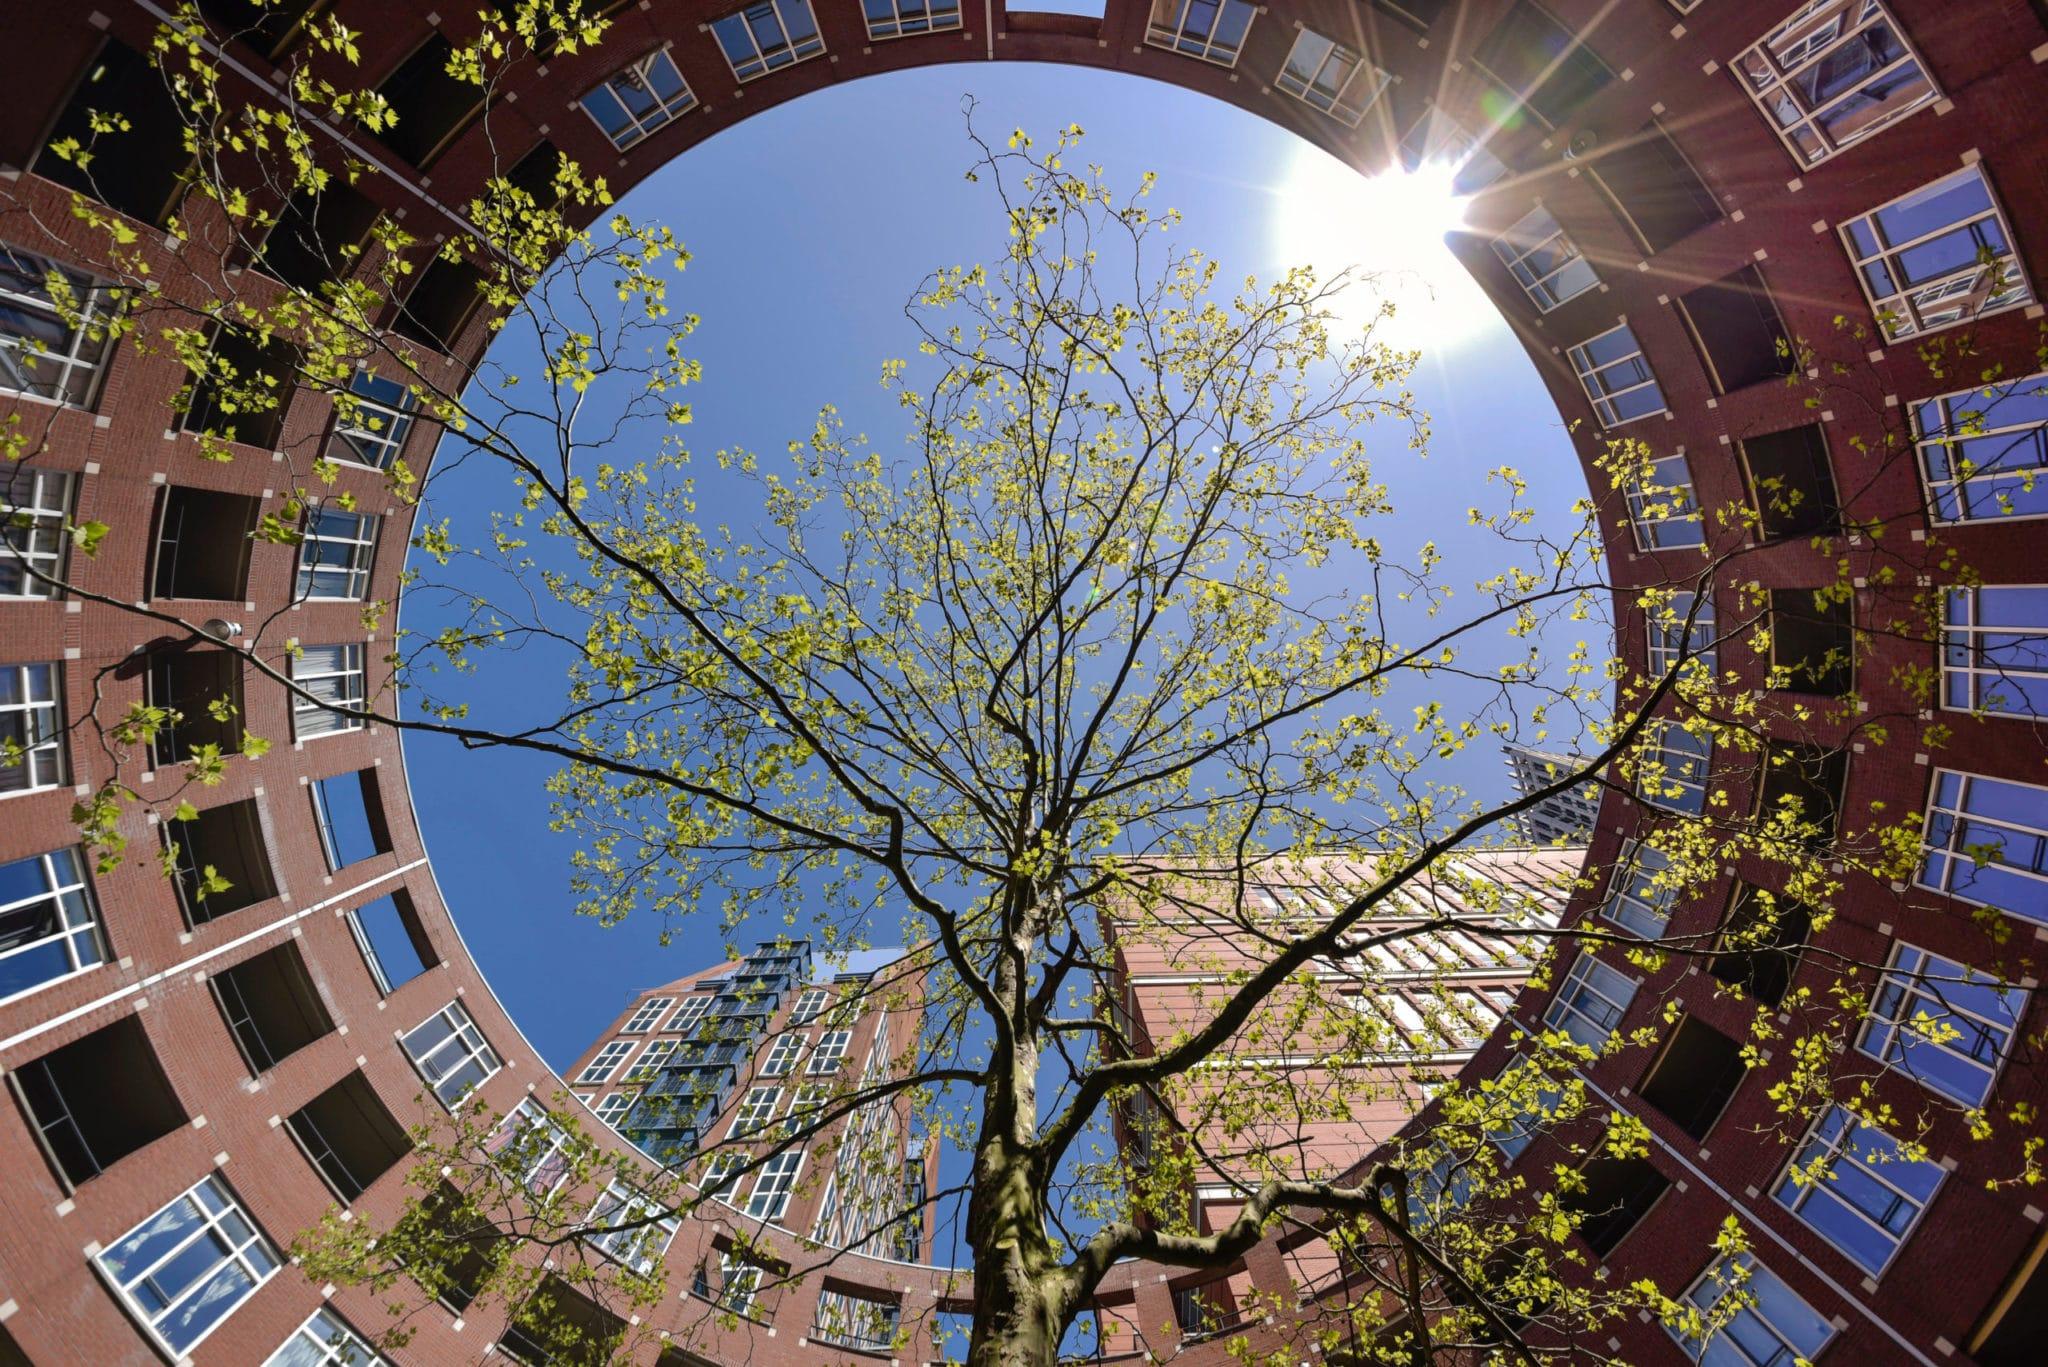 Circulaire houtketen stad Den Haag